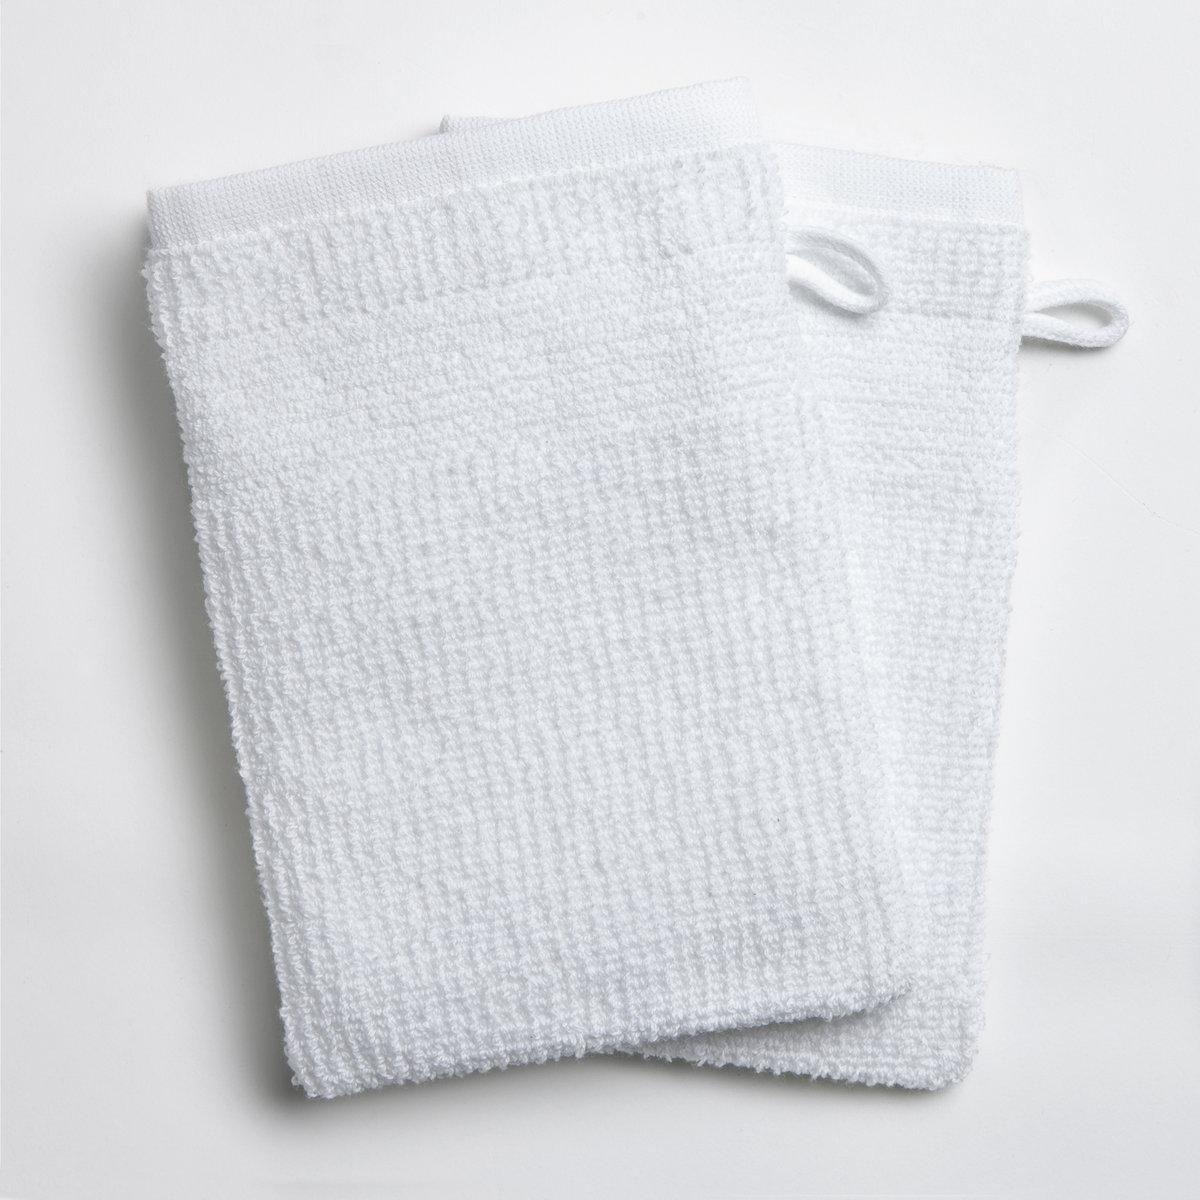 2 рукавицы банных из плетёной ткани рисовое зерно 400 г/м?Рукавицы банные. Оригинальность плетения рисовое зерно и великолепное качество и мягкость использованного материала для непревзойденного комфорта использования и отличных впитывающих свойств.Характеристики банной руковицы 400 г/м? :Плетёная ткань рисовое зерно, 100% хлопка (500 г/м?). Гарантированная мягкость, удивительная прочность и отличная устойчивость цвета даже после нескольких стирок при 60°.Машинная сушка.<br><br>Цвет: антрацит,белый